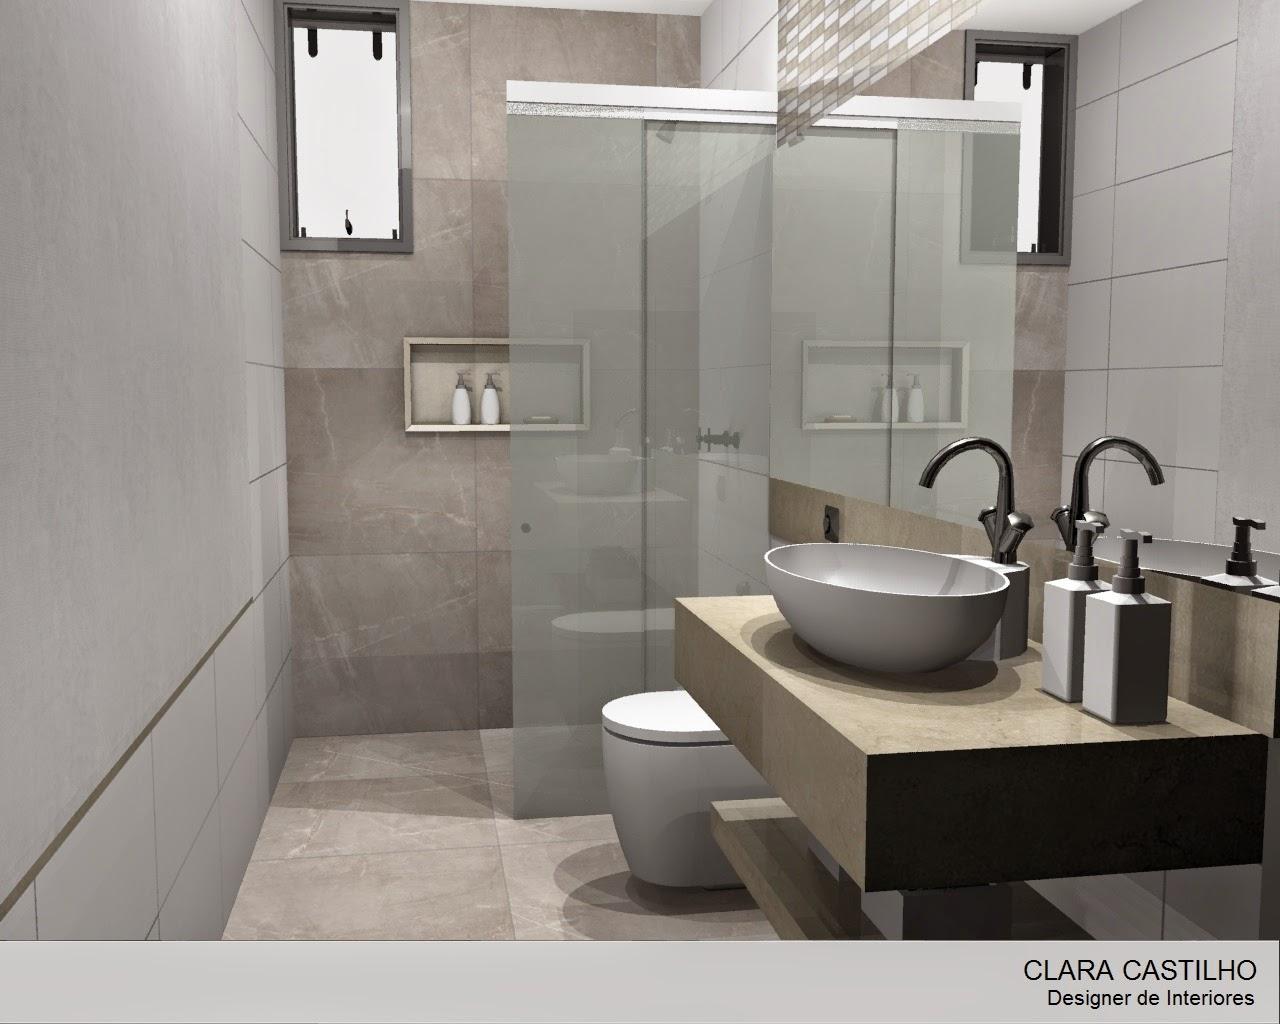 fosco) tamanho 60x60 e retificado na cor cinza claro com efeitos #736758 1280x1024 Banheiro Branco Fosco